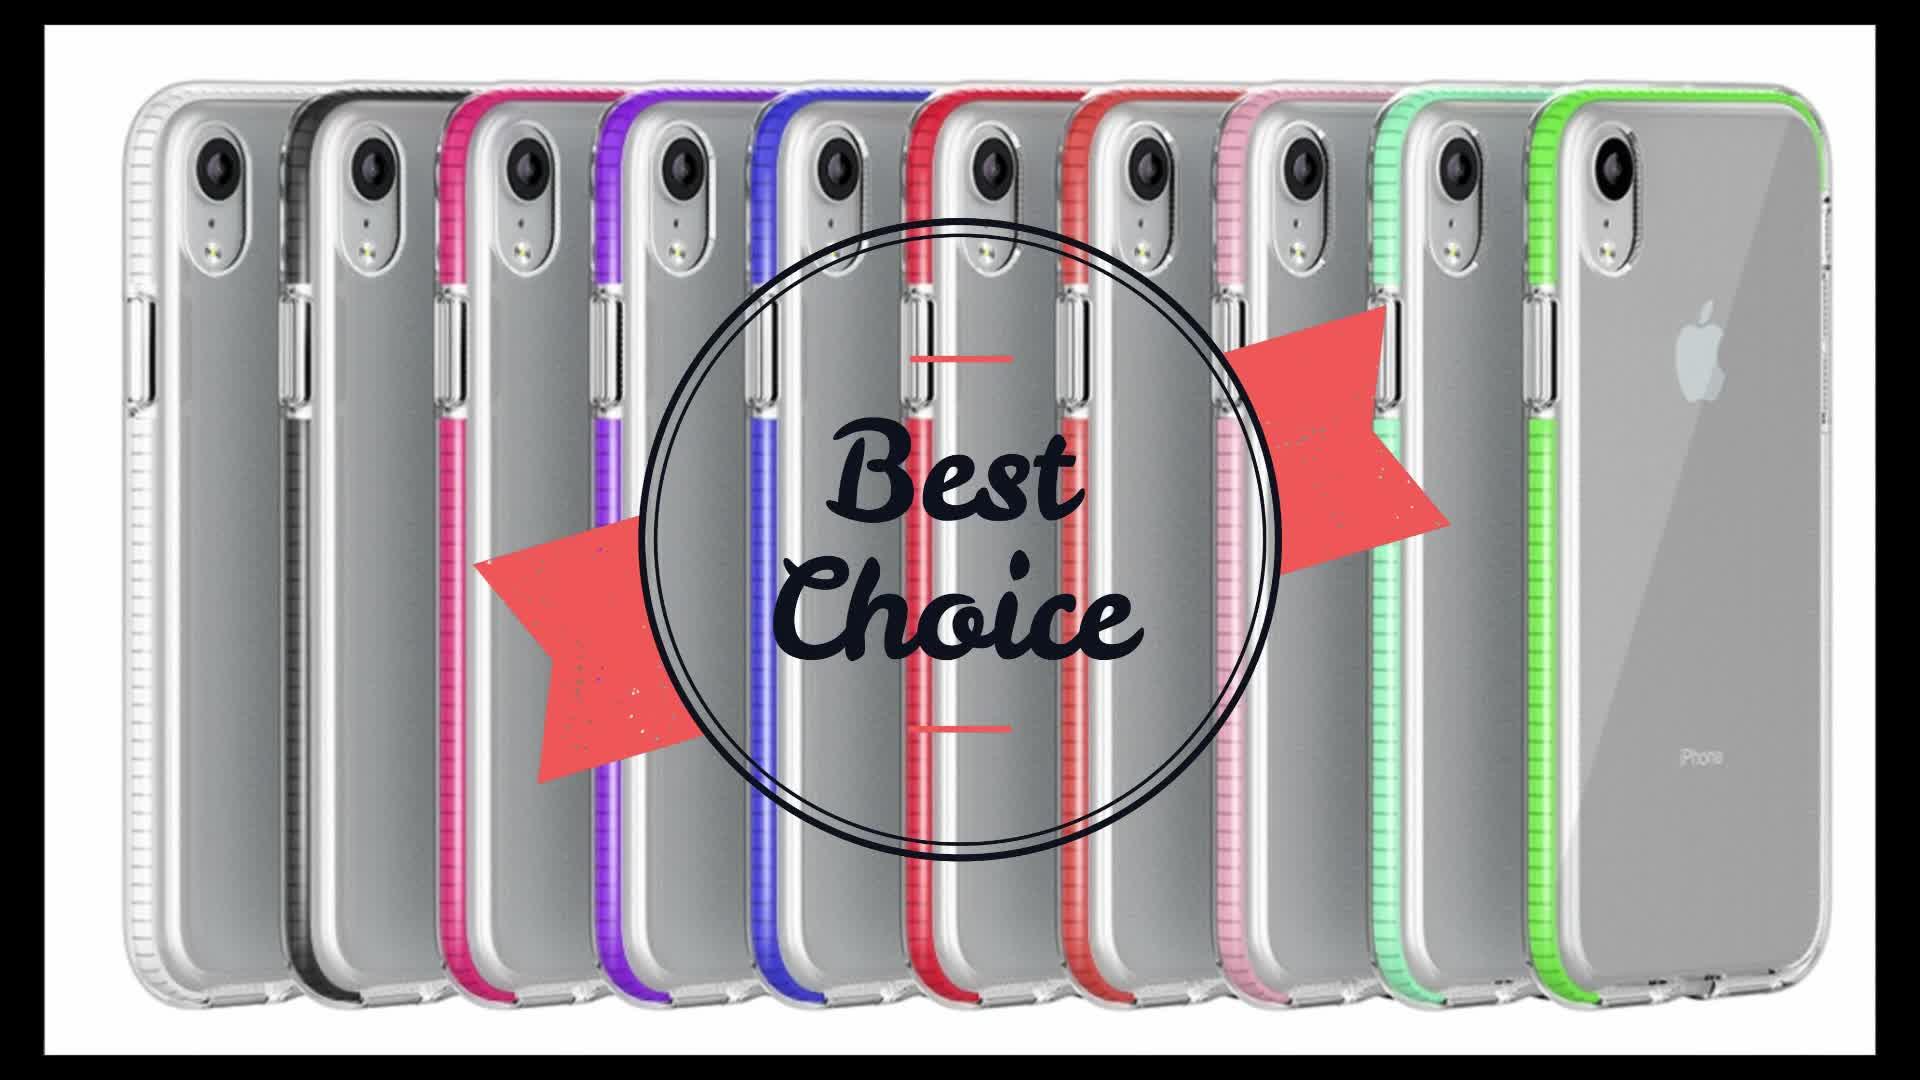 गर्म बिक्री नवीनतम शैली विरोधी-ड्रॉप स्पष्ट डबल रंग नरम बम्पर TPU TPE फोन के मामले में कवर के लिए विवो X27 प्रो फोन के मामले में